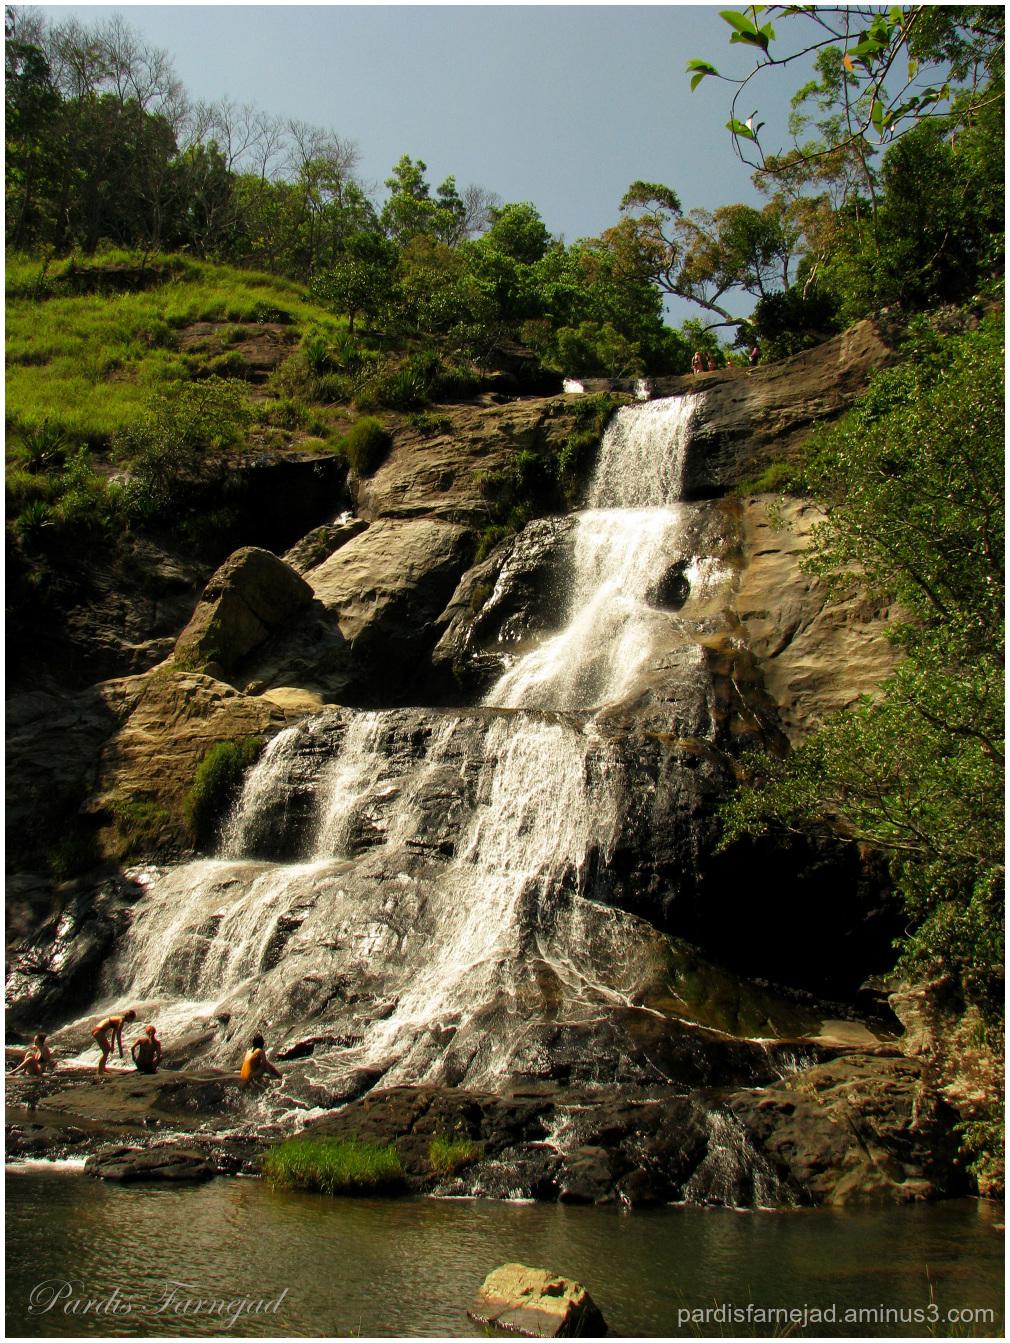 Diayluma Falls